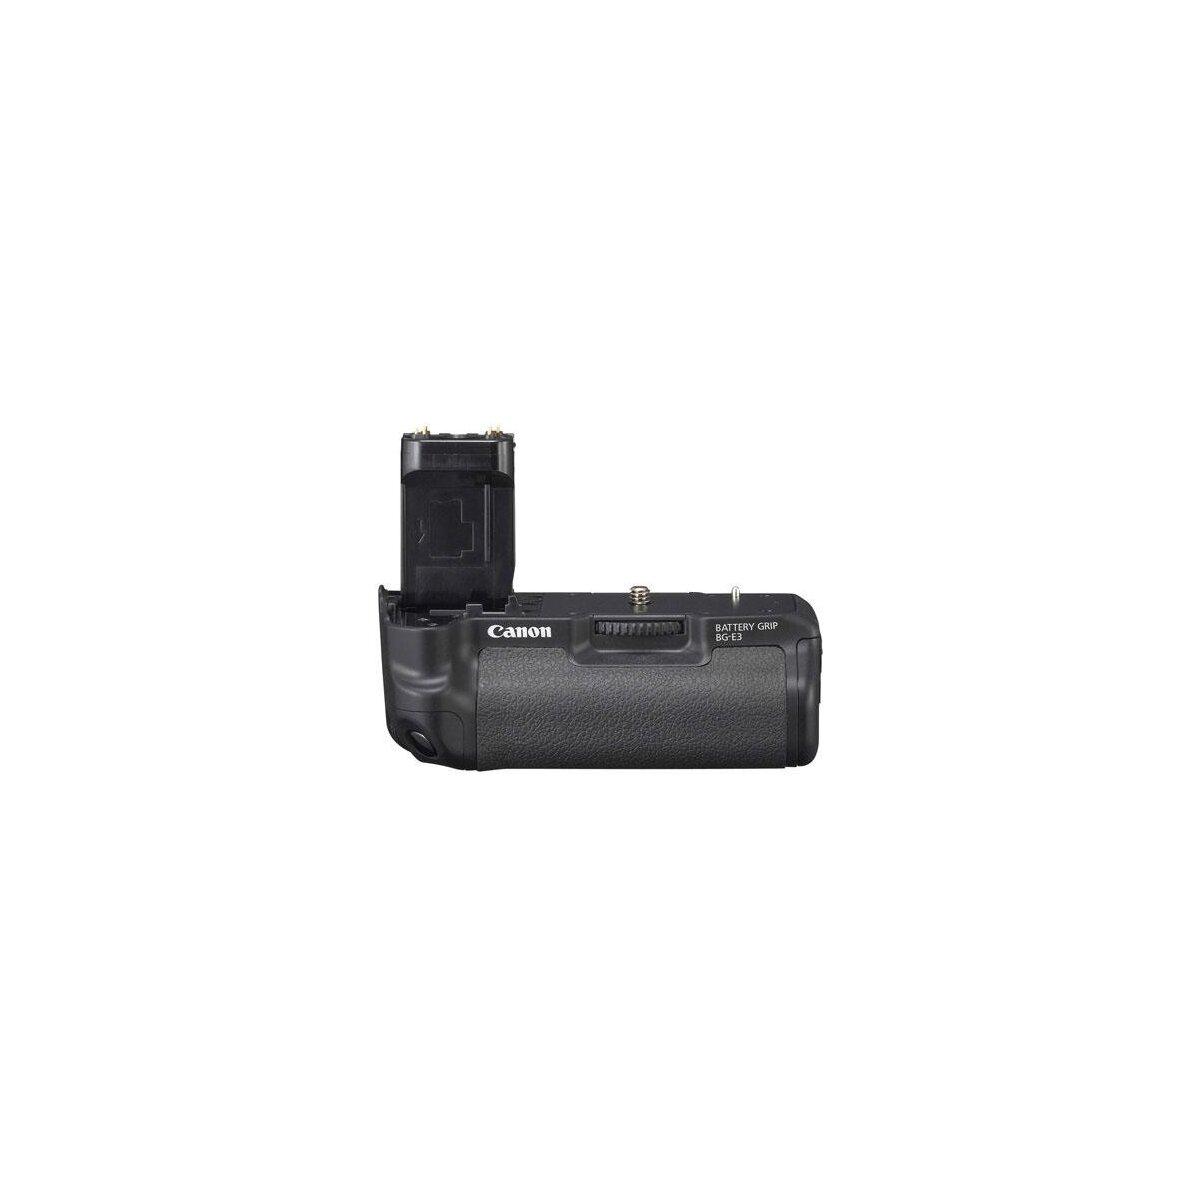 Original Canon Batteriegriff BG-E3 fuer EOS 350D, 400D